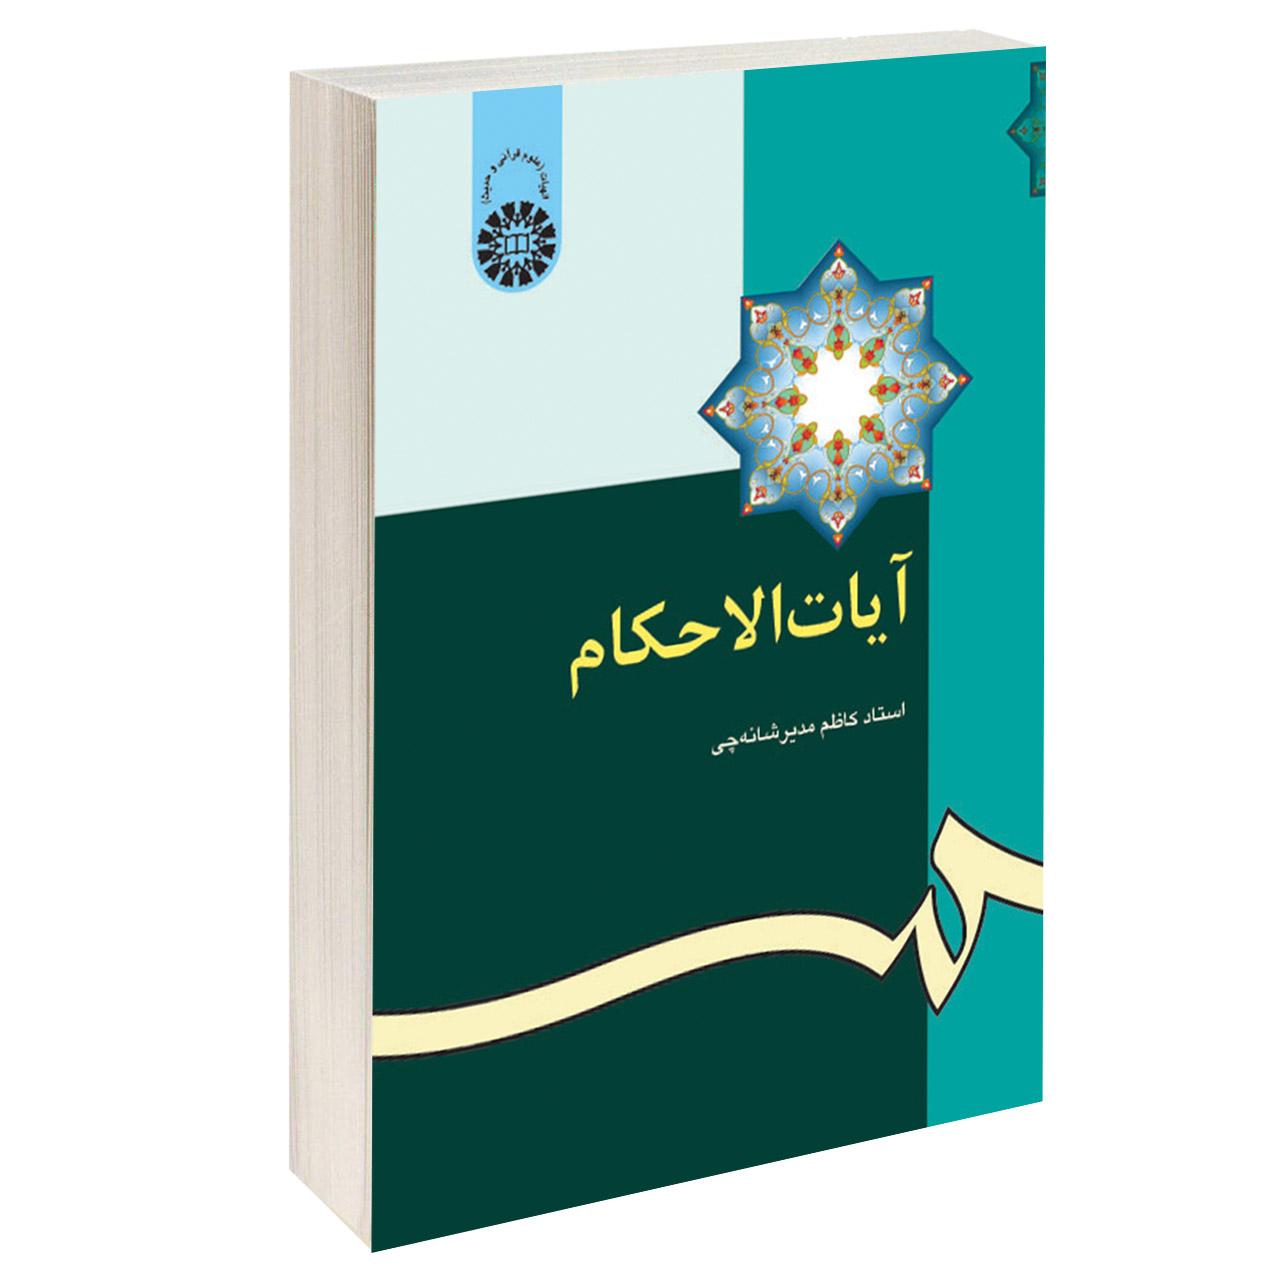 کتاب آیات الاحکام اثر کاظم مدیر شانه چی نشر سمت